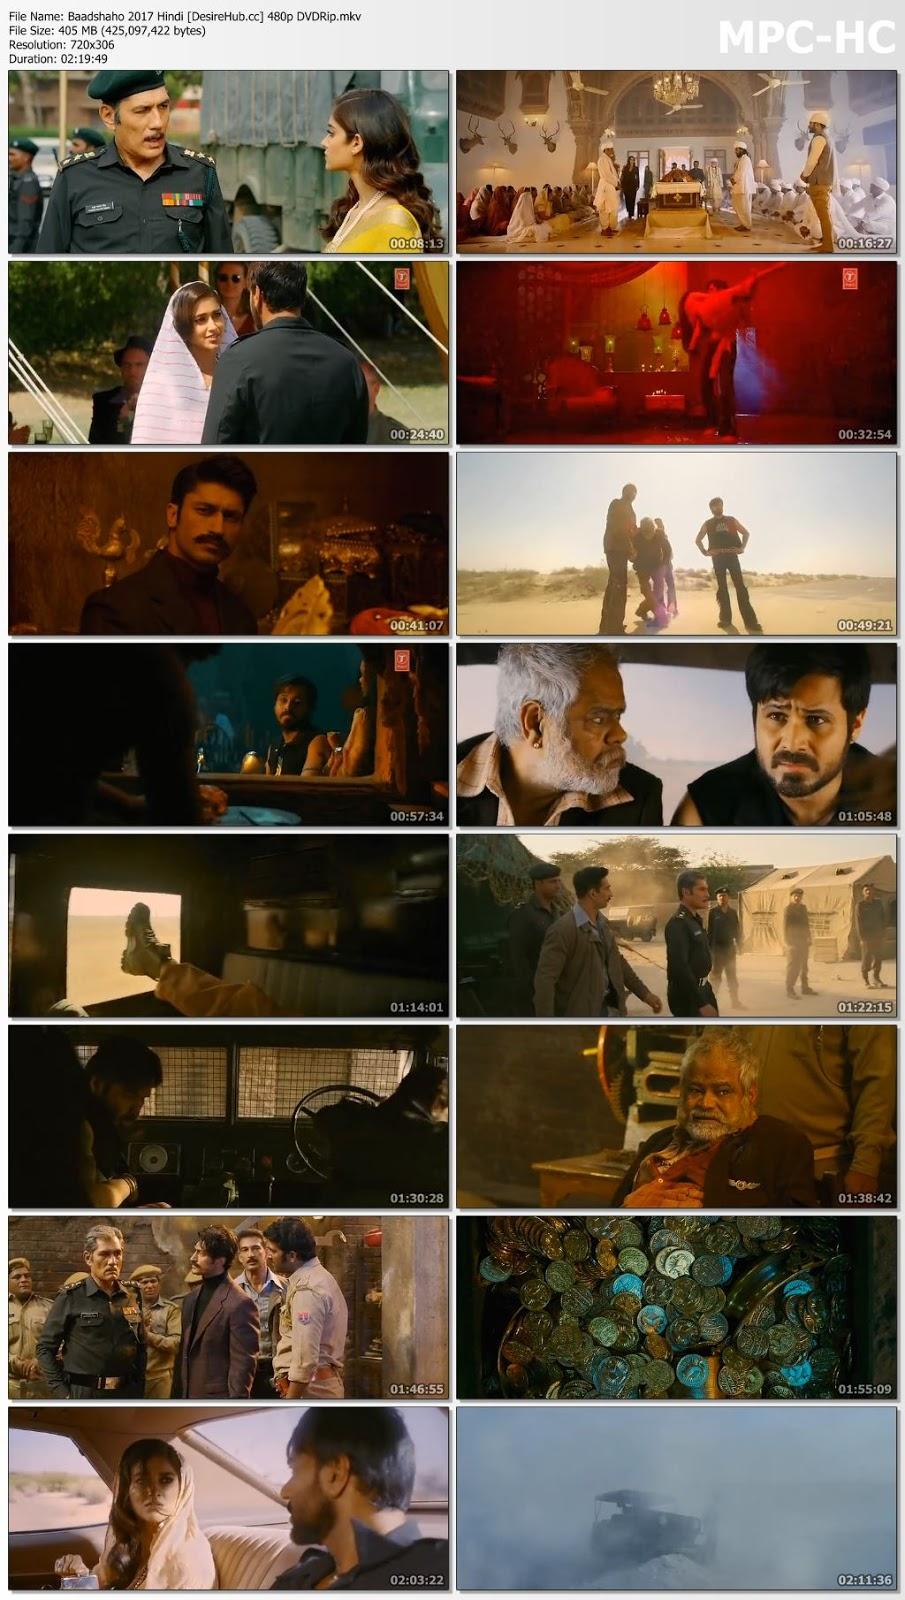 Baadshaho 2017 Hindi 480p DVDRip 400MB Desirehub